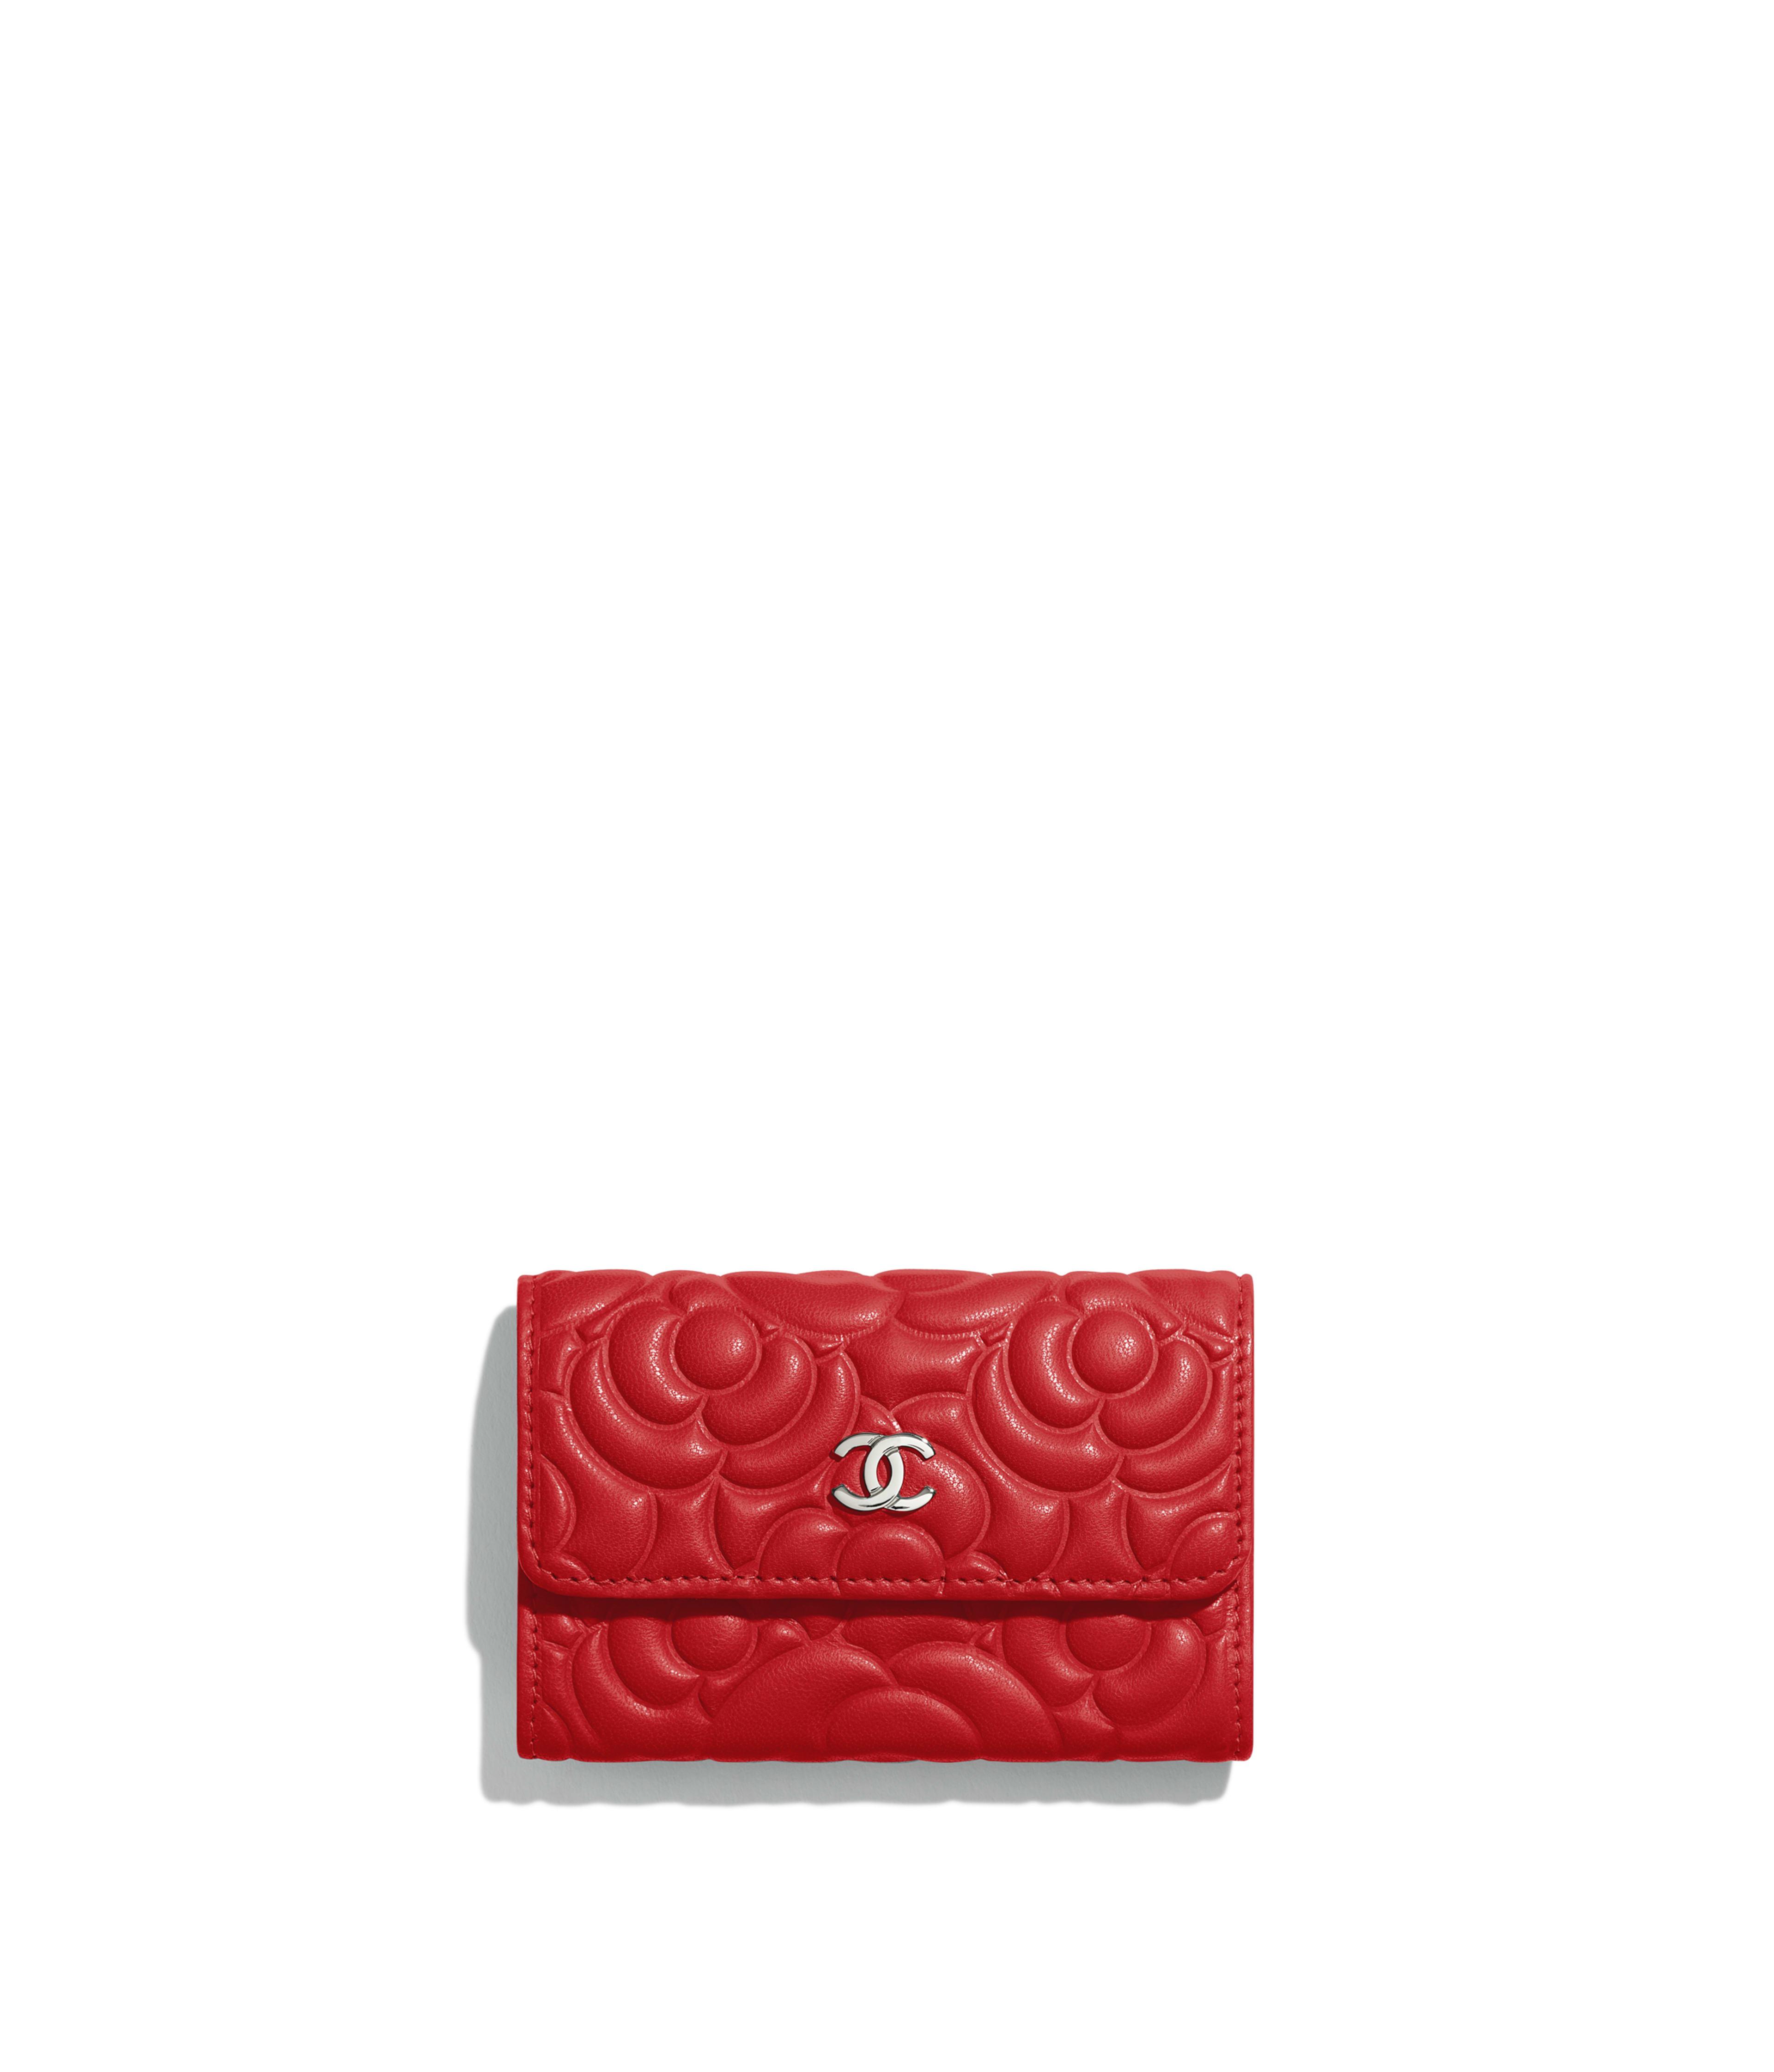 0d6d5f2223f6 Flap Card Holder Lambskin & Silver-Tone Metal, Red Ref. A81937B00077N0413